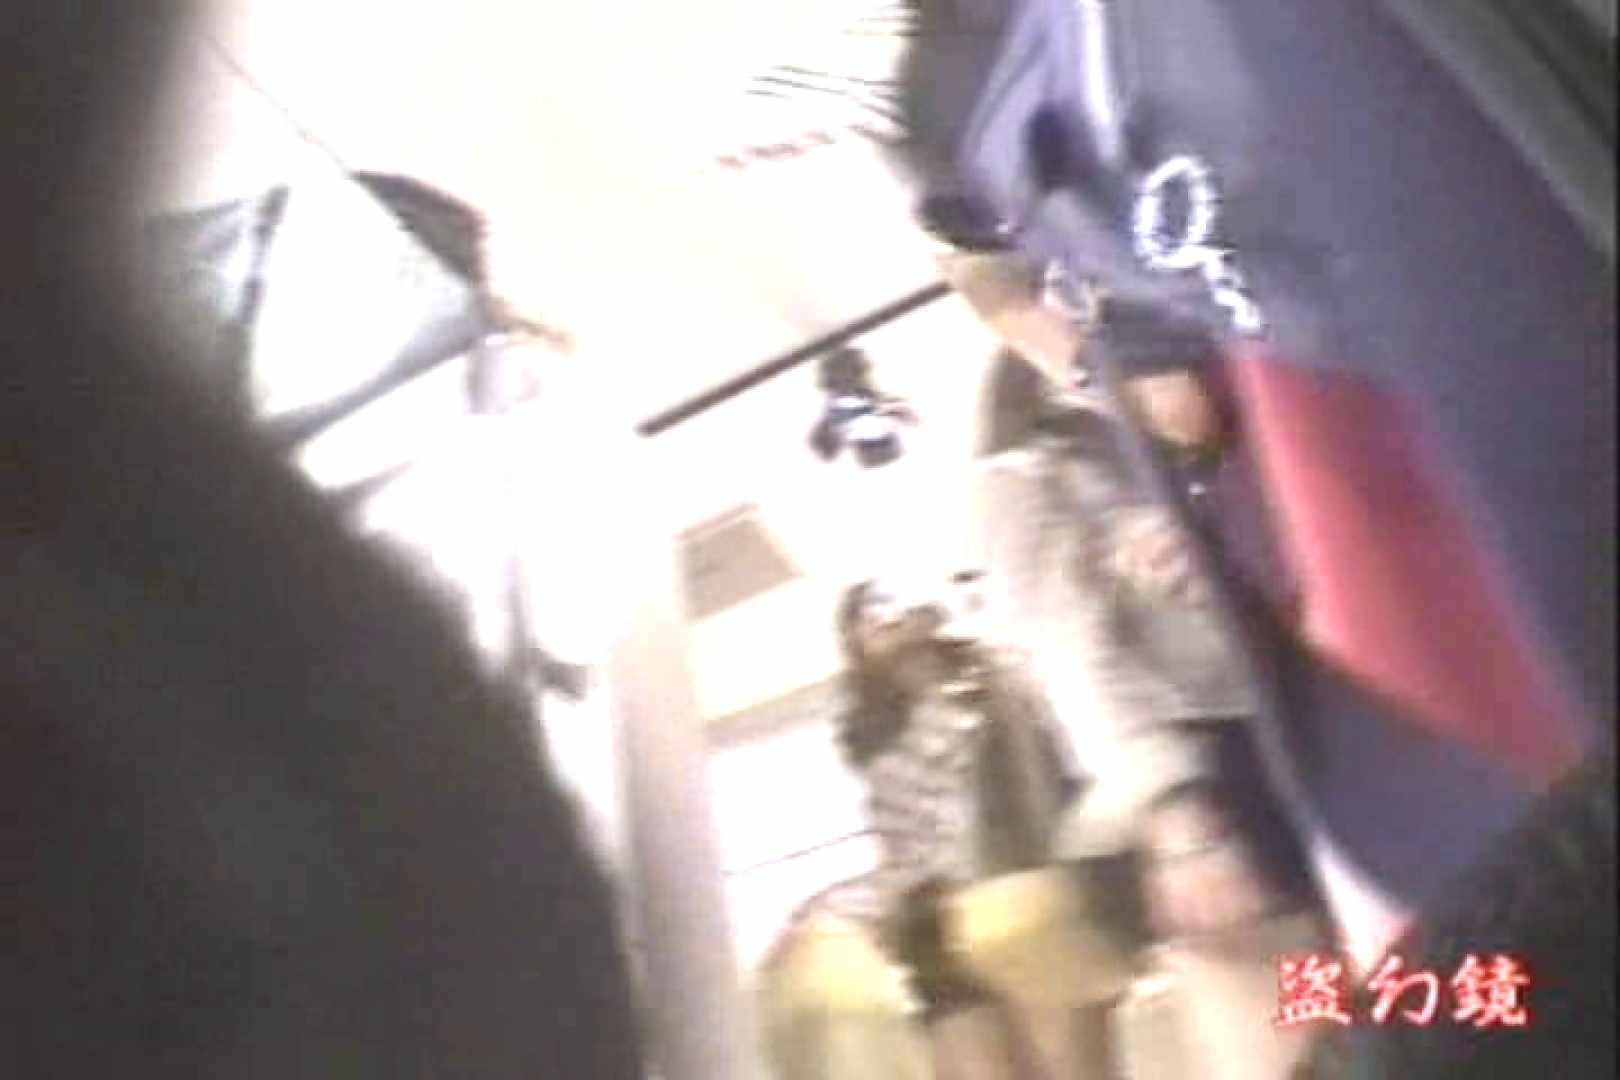 究極カリスマショップ逆さ撮り 完全保存版02 盗撮 のぞき動画画像 58PIX 46